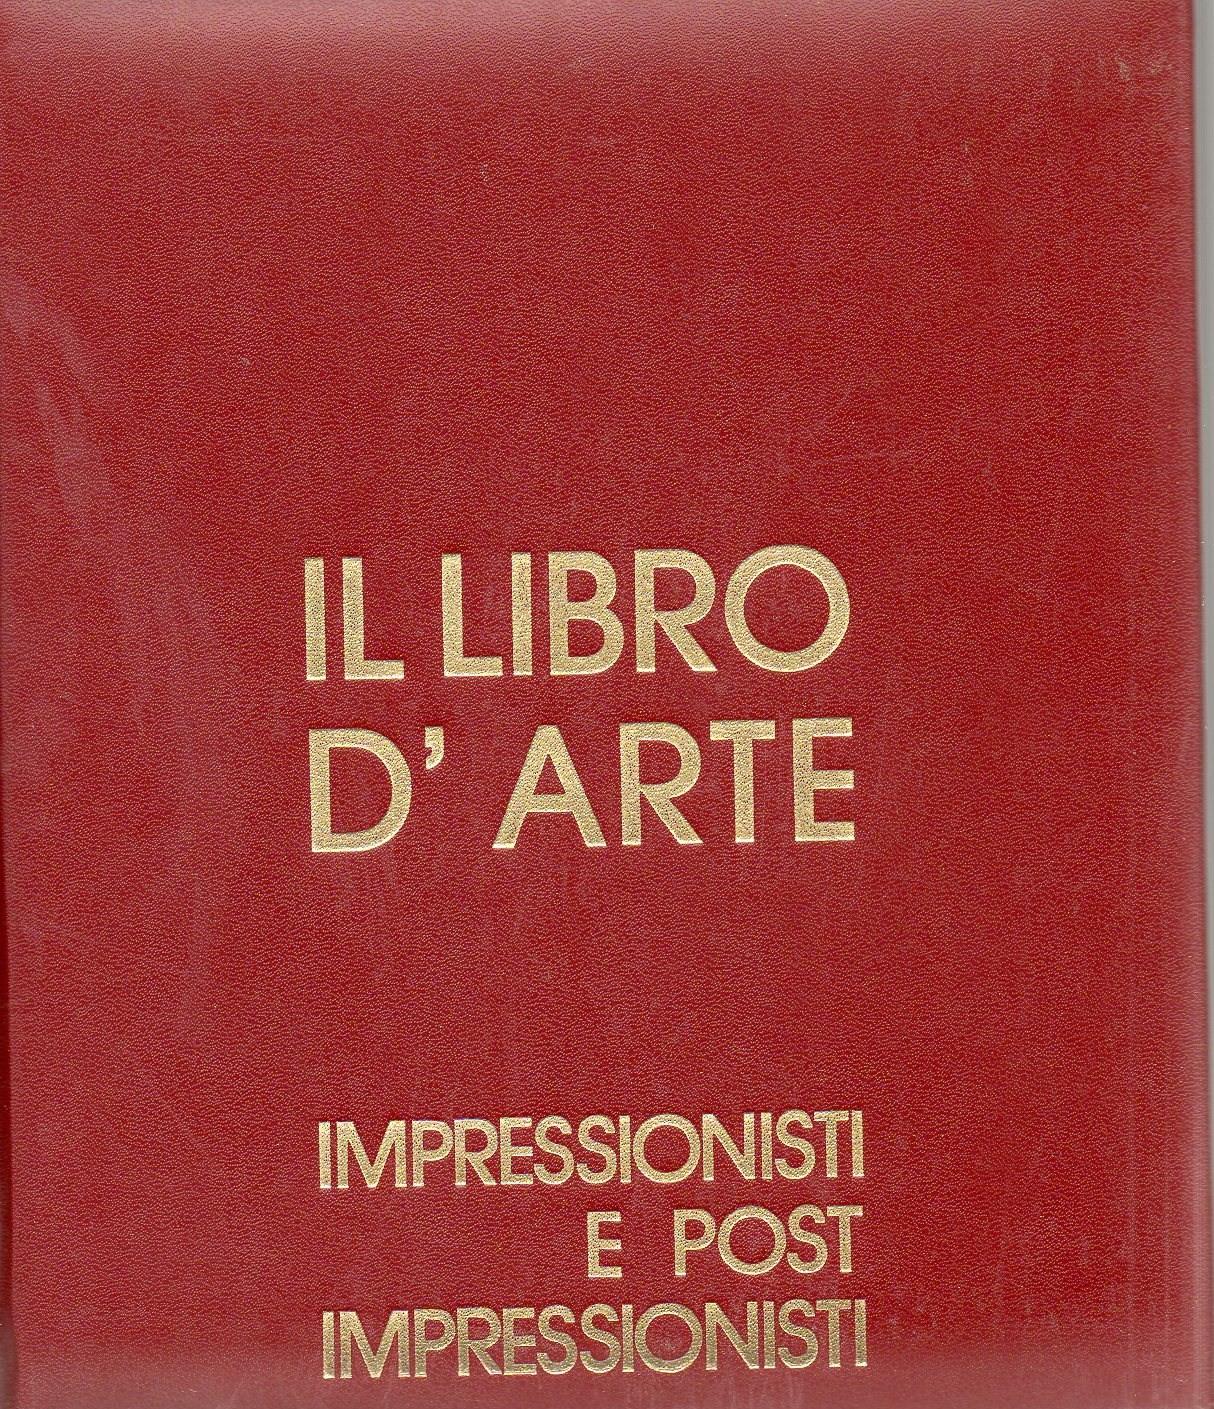 il libro d'arte - impressionisti e post-impressionisti